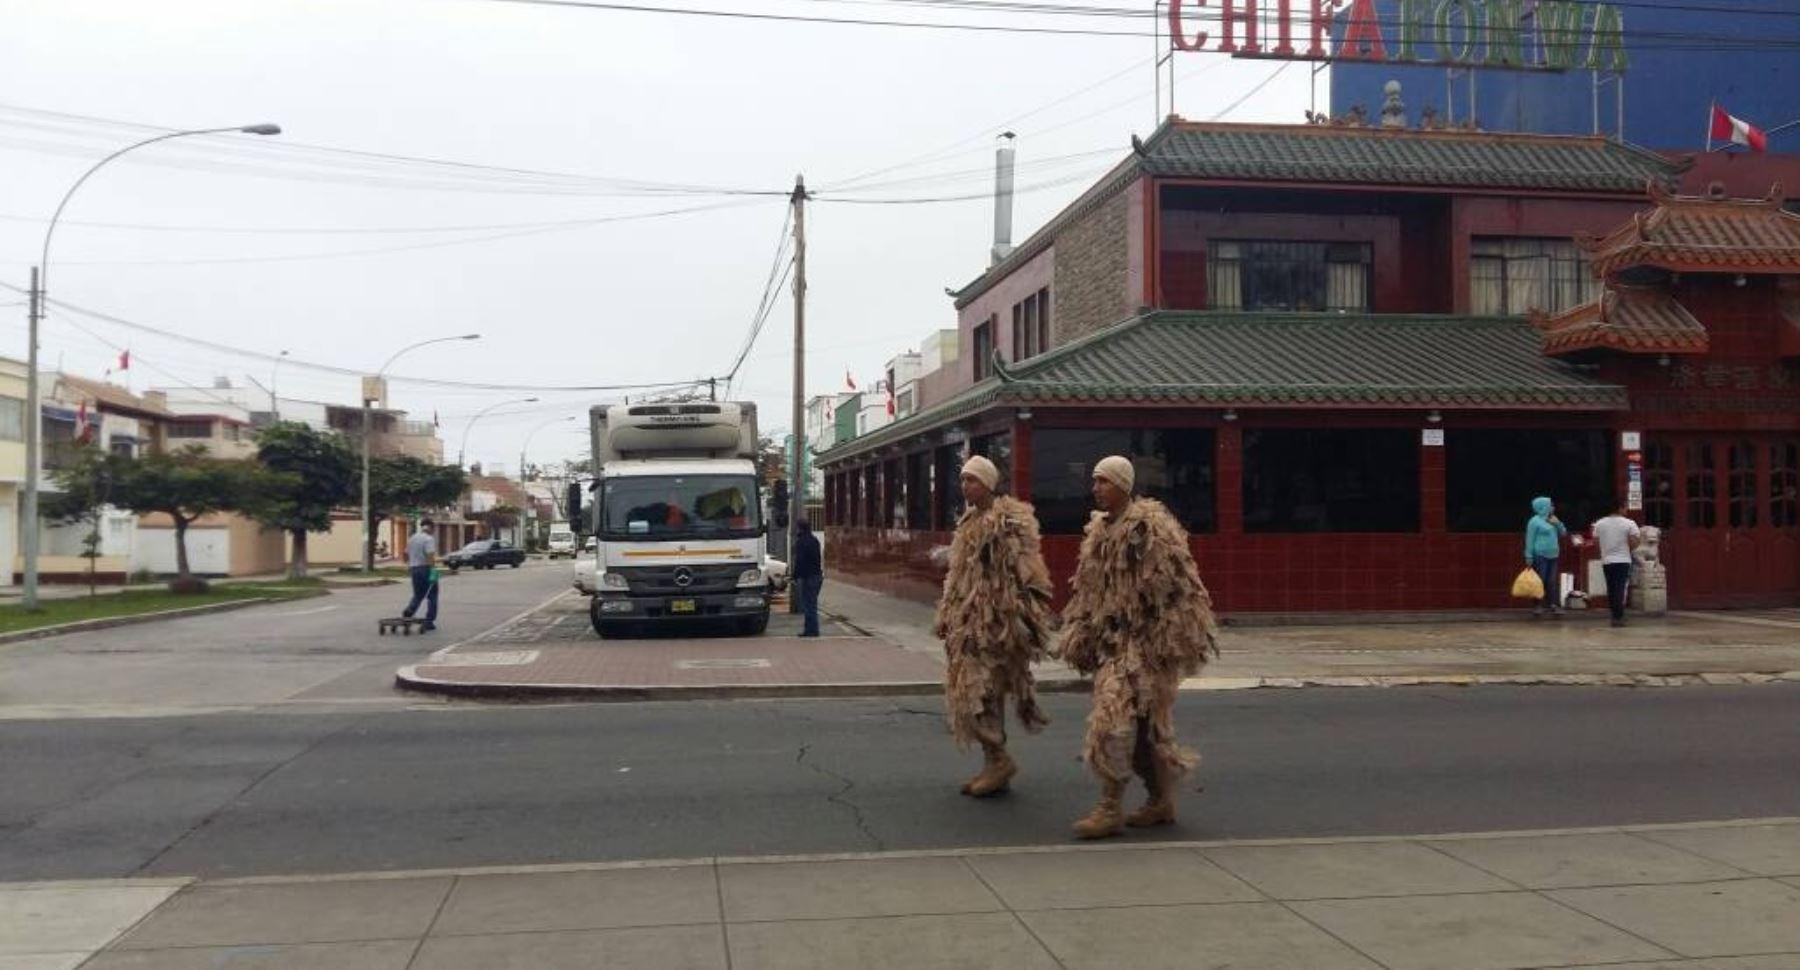 Miembros del Ejército con su indumentaria especial de guerra. Foto: Sofía Pichihua.